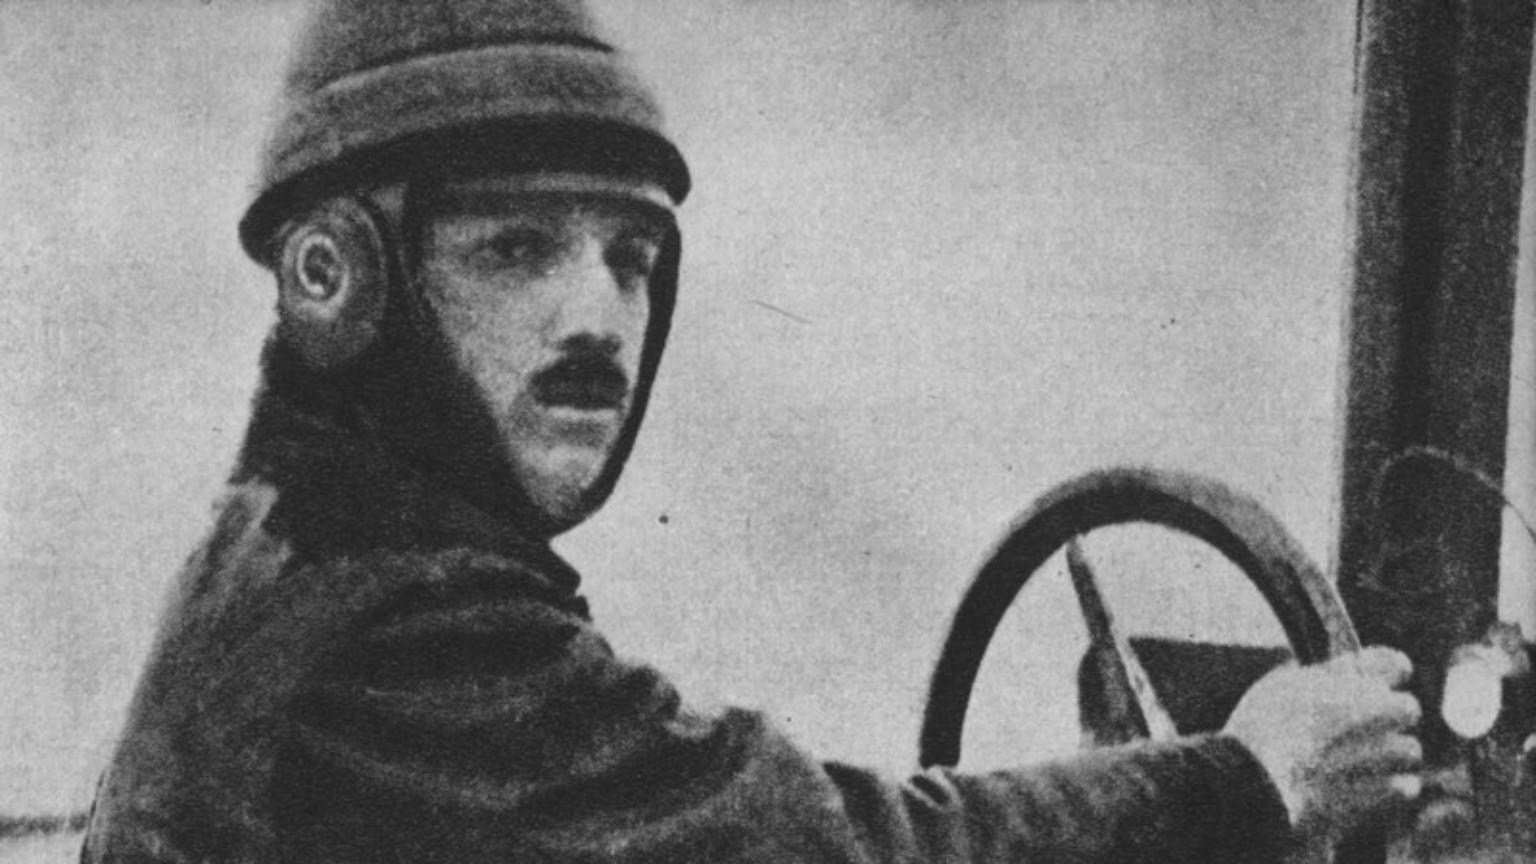 Zdjęcie dla kartki: Pierwszy przelot samolotu nad Warszawą